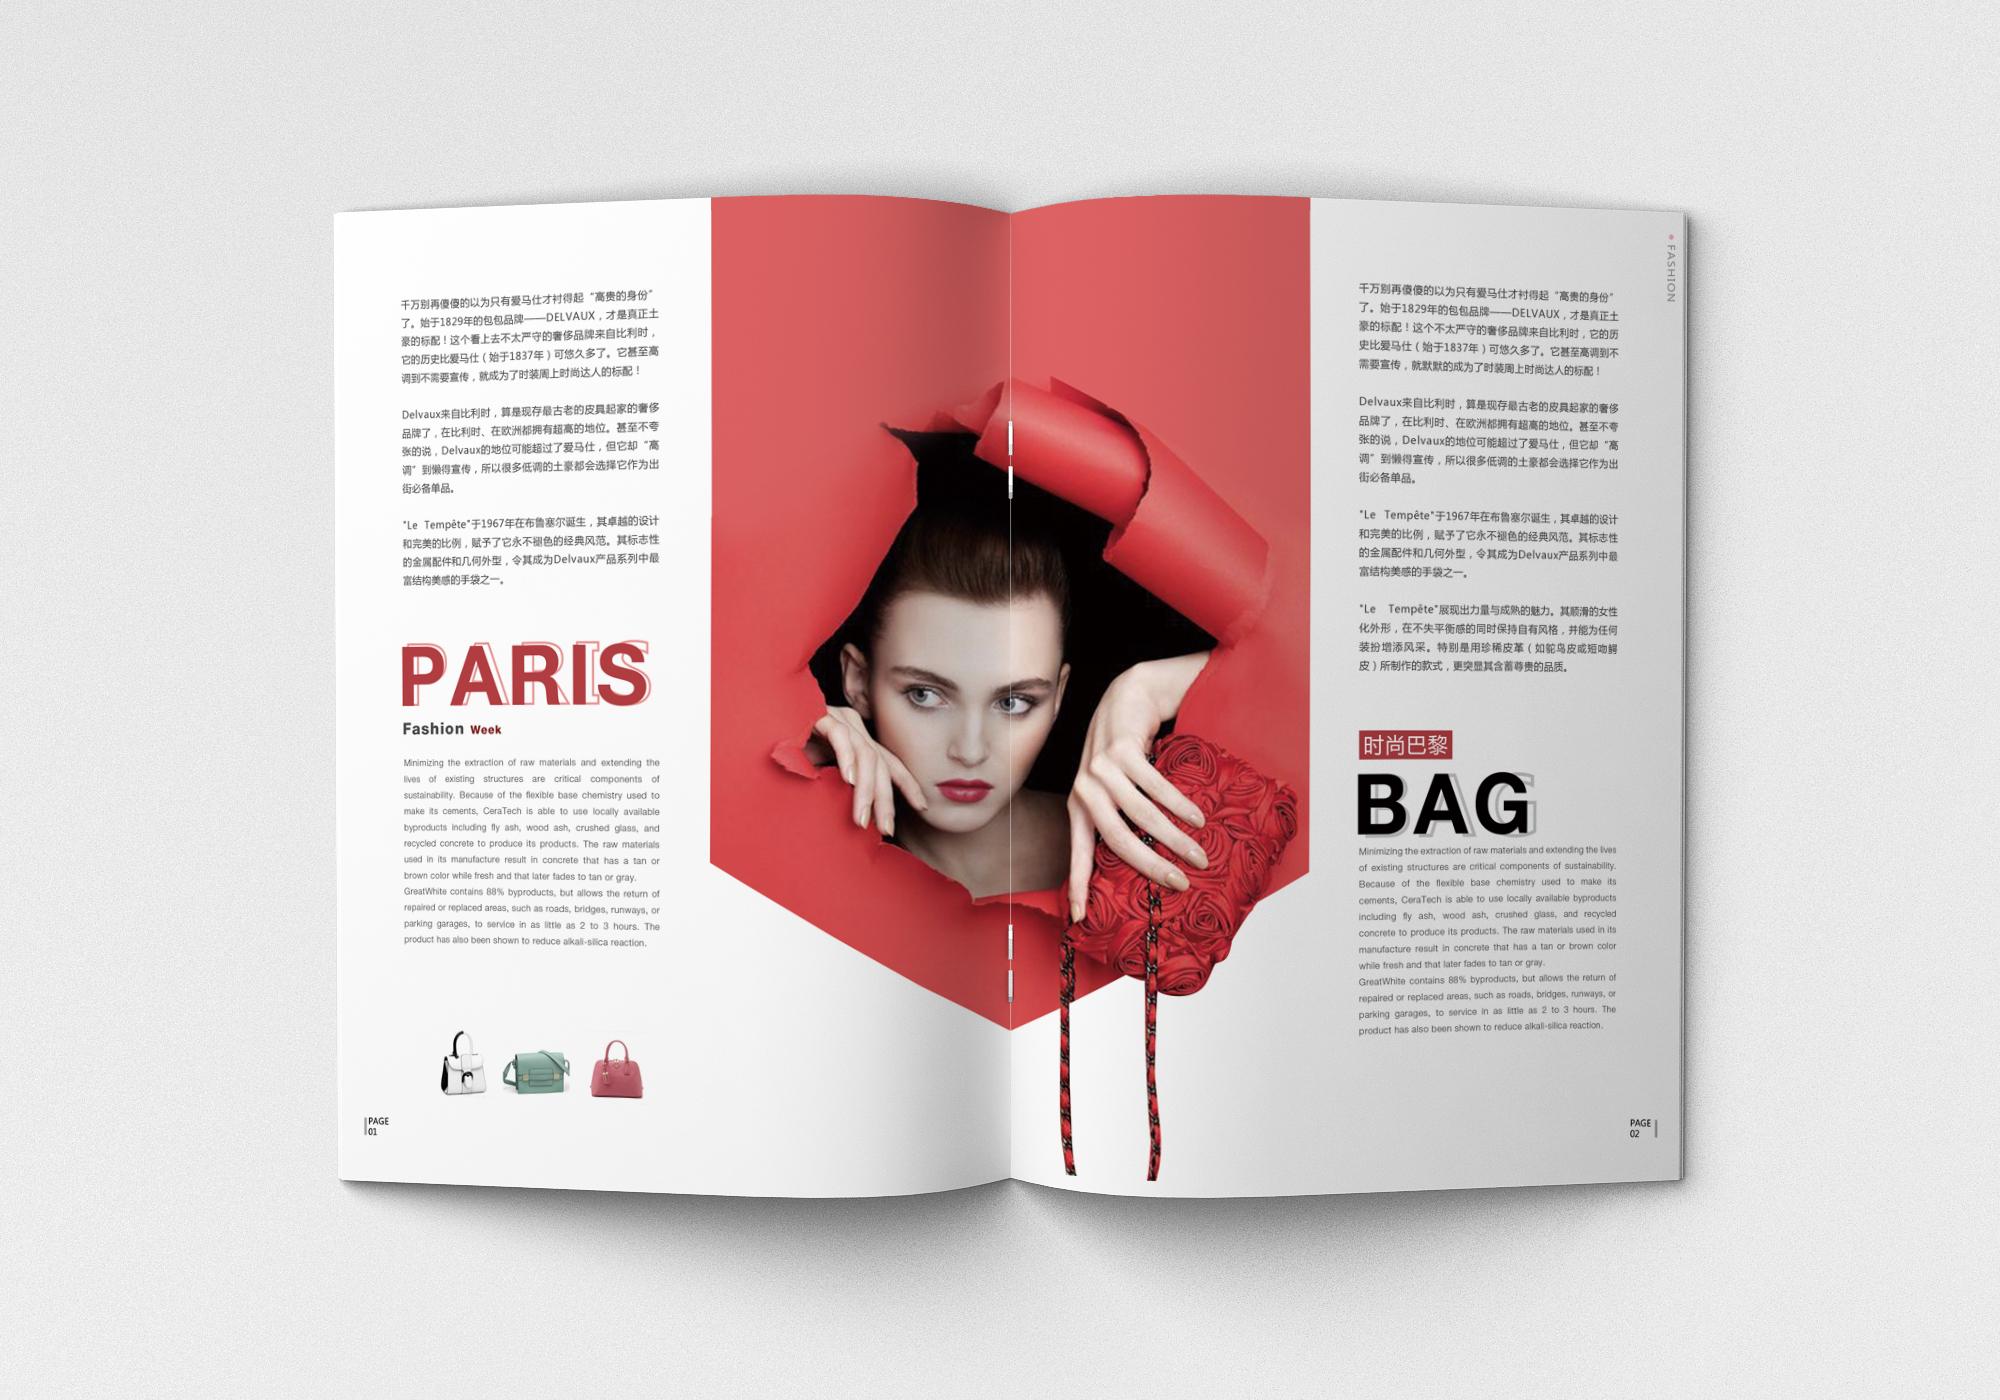 包装 包装设计 设计 2000_1400图片